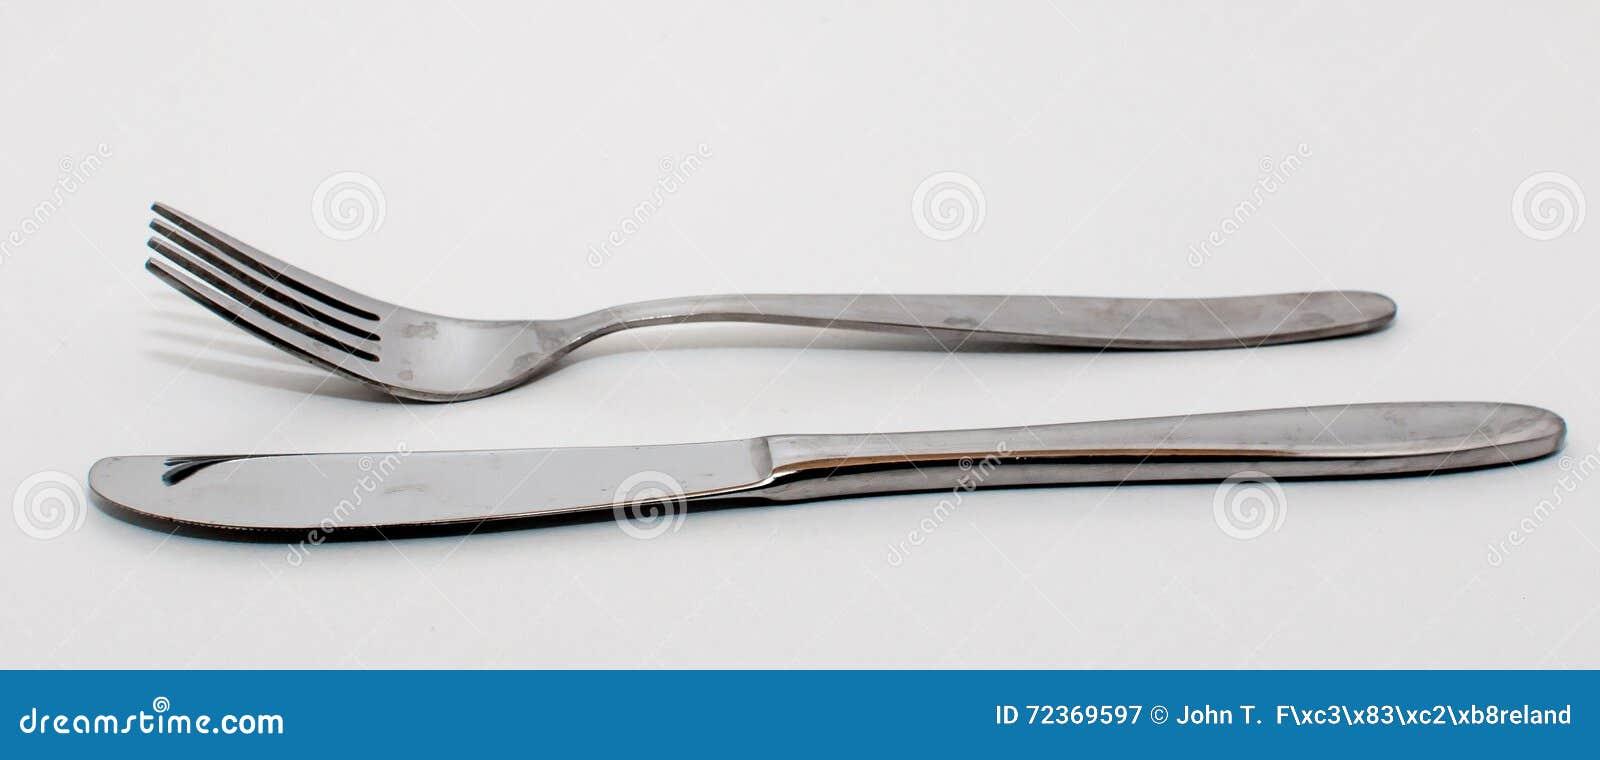 叉子和刀子